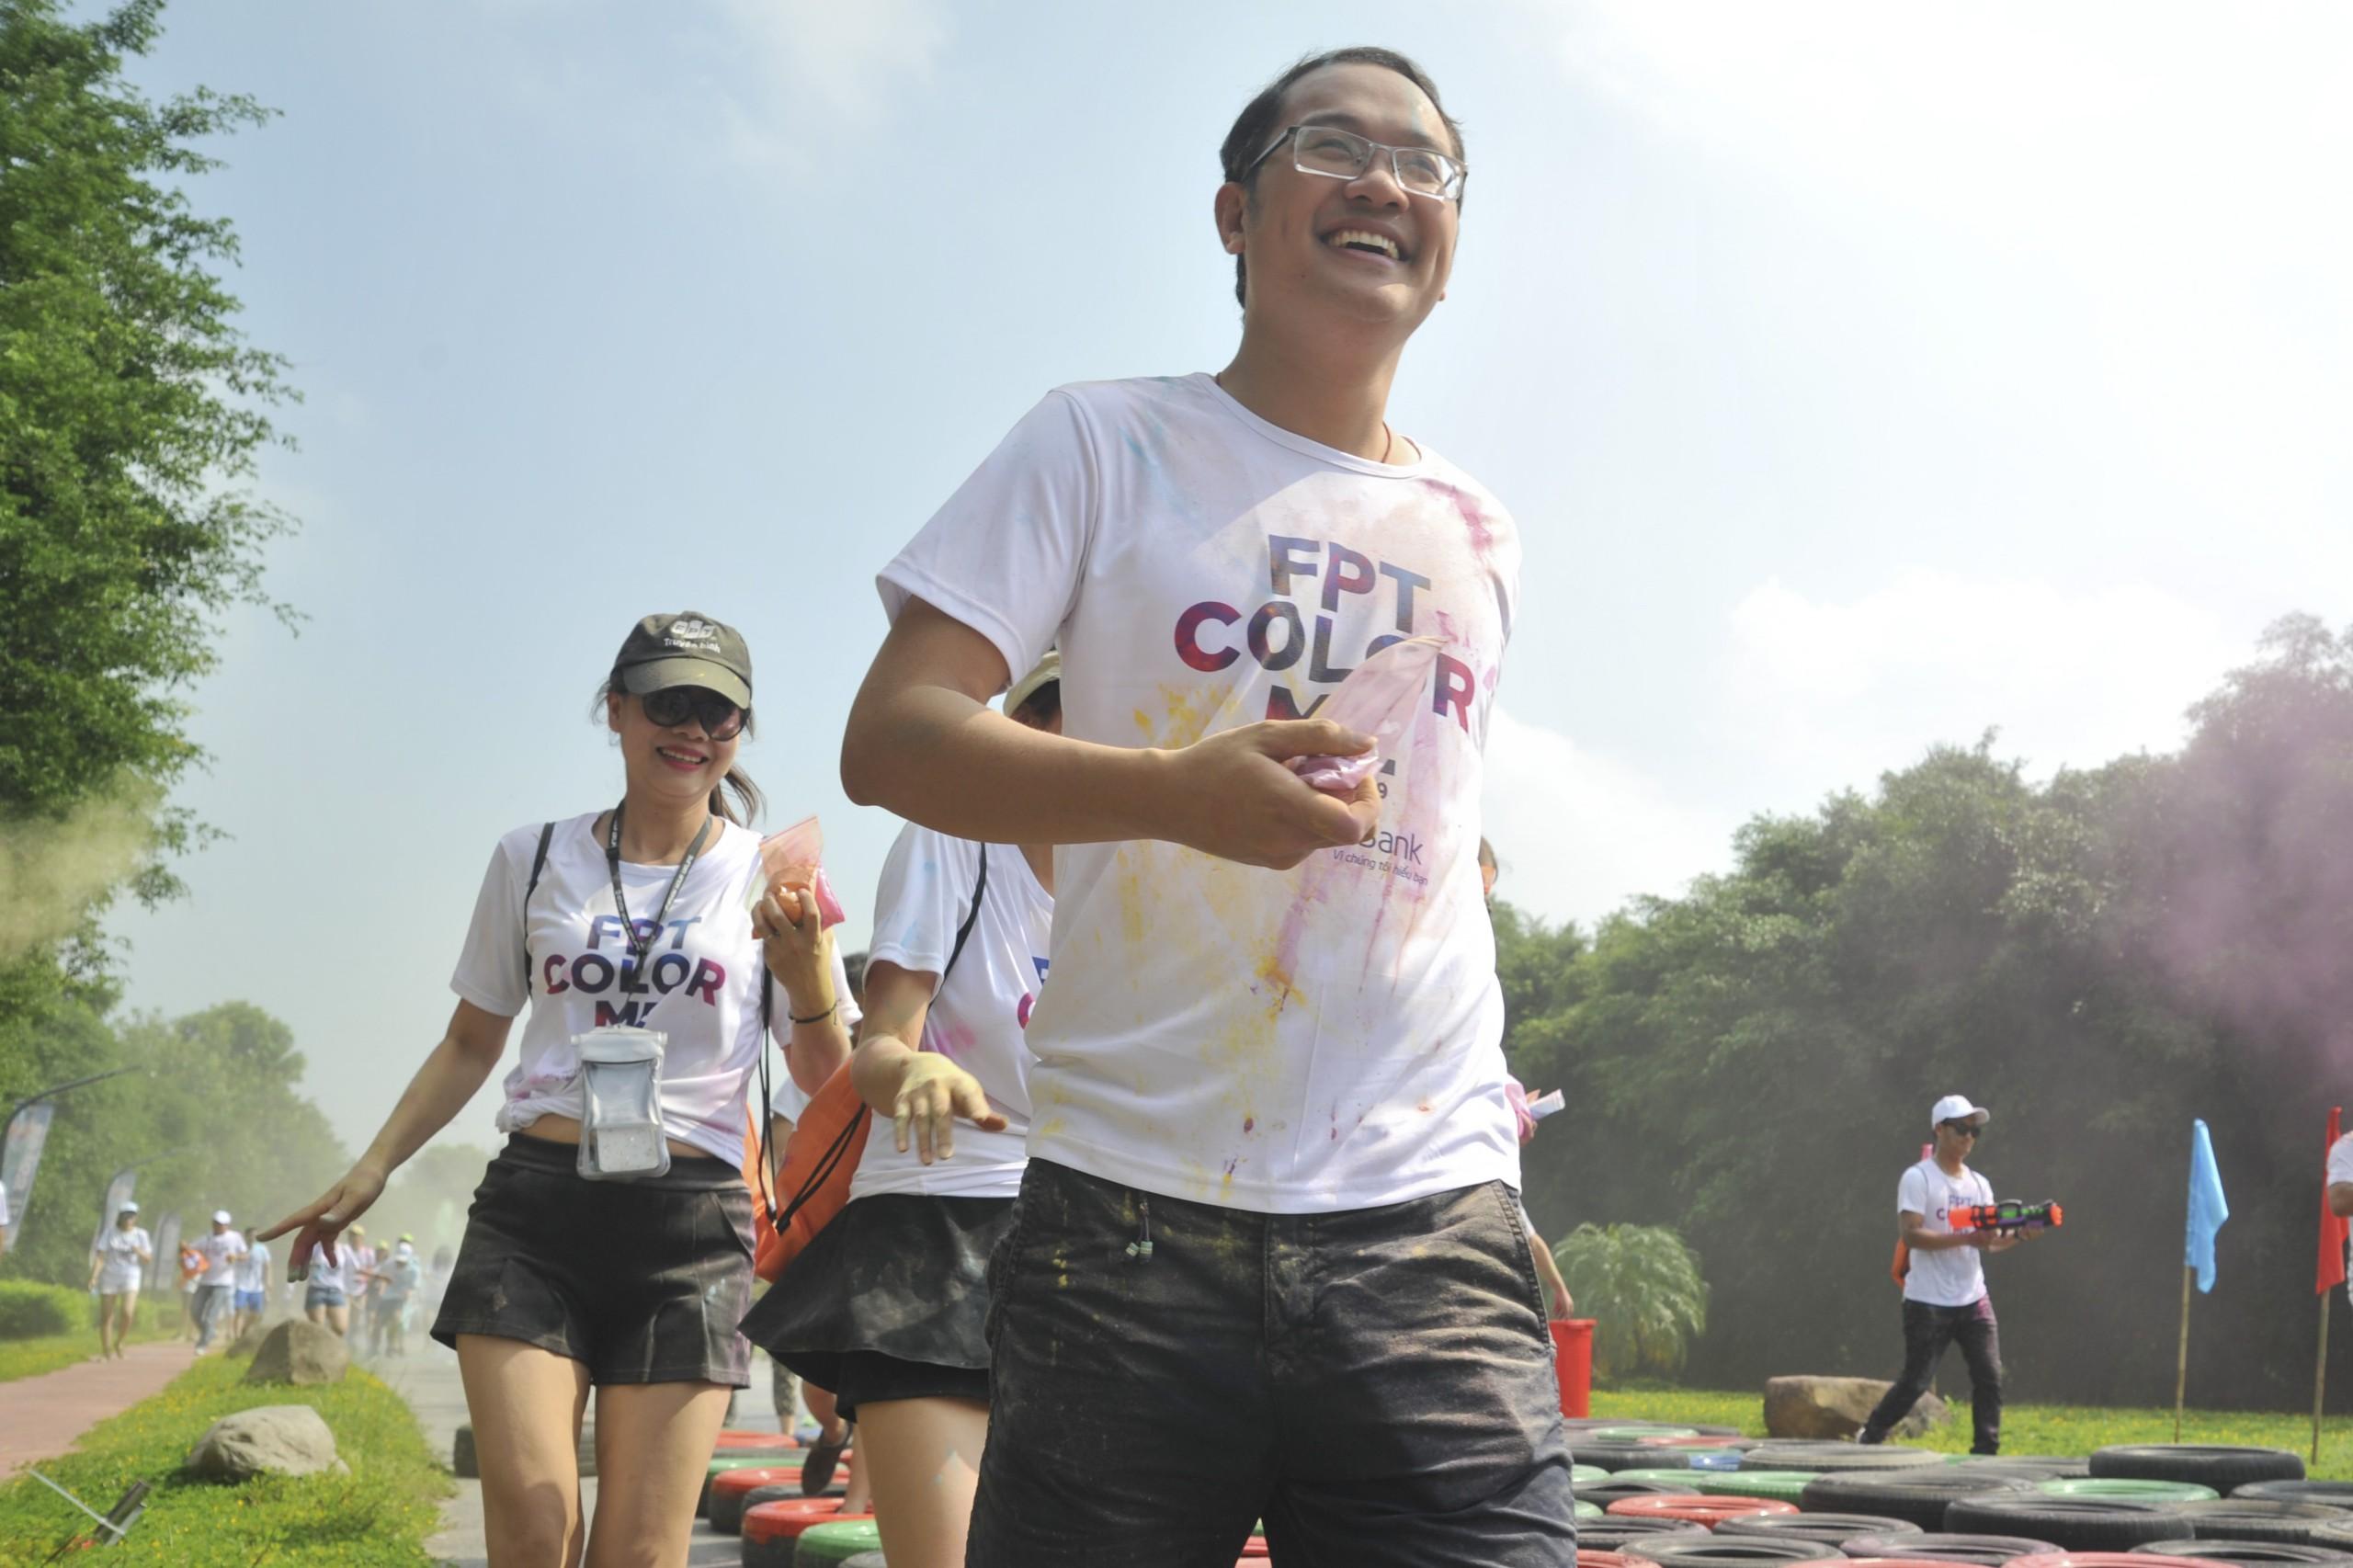 Giám đốc Nhân sự FPT Chu Quang Huy tươi cười vượt thử thách bằng cách né mình sang bên, nơi ngoài tầm với của chướng ngại vật.